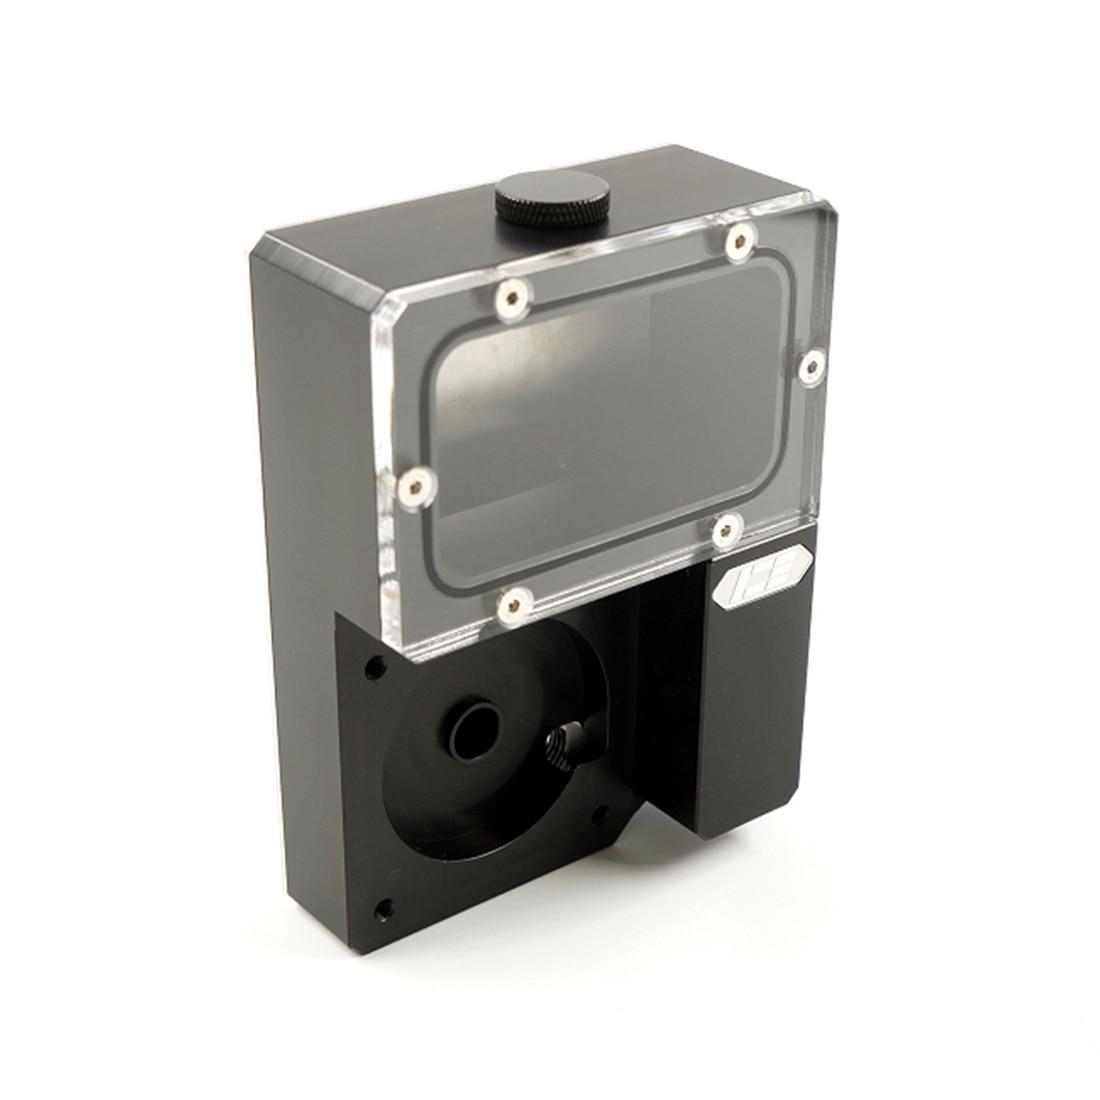 Охладитель Ncase Iceman DDC Combo Res Ncase резервуар, резервуар для воды Ncase Chasis M1 V4 V5 V6, черный